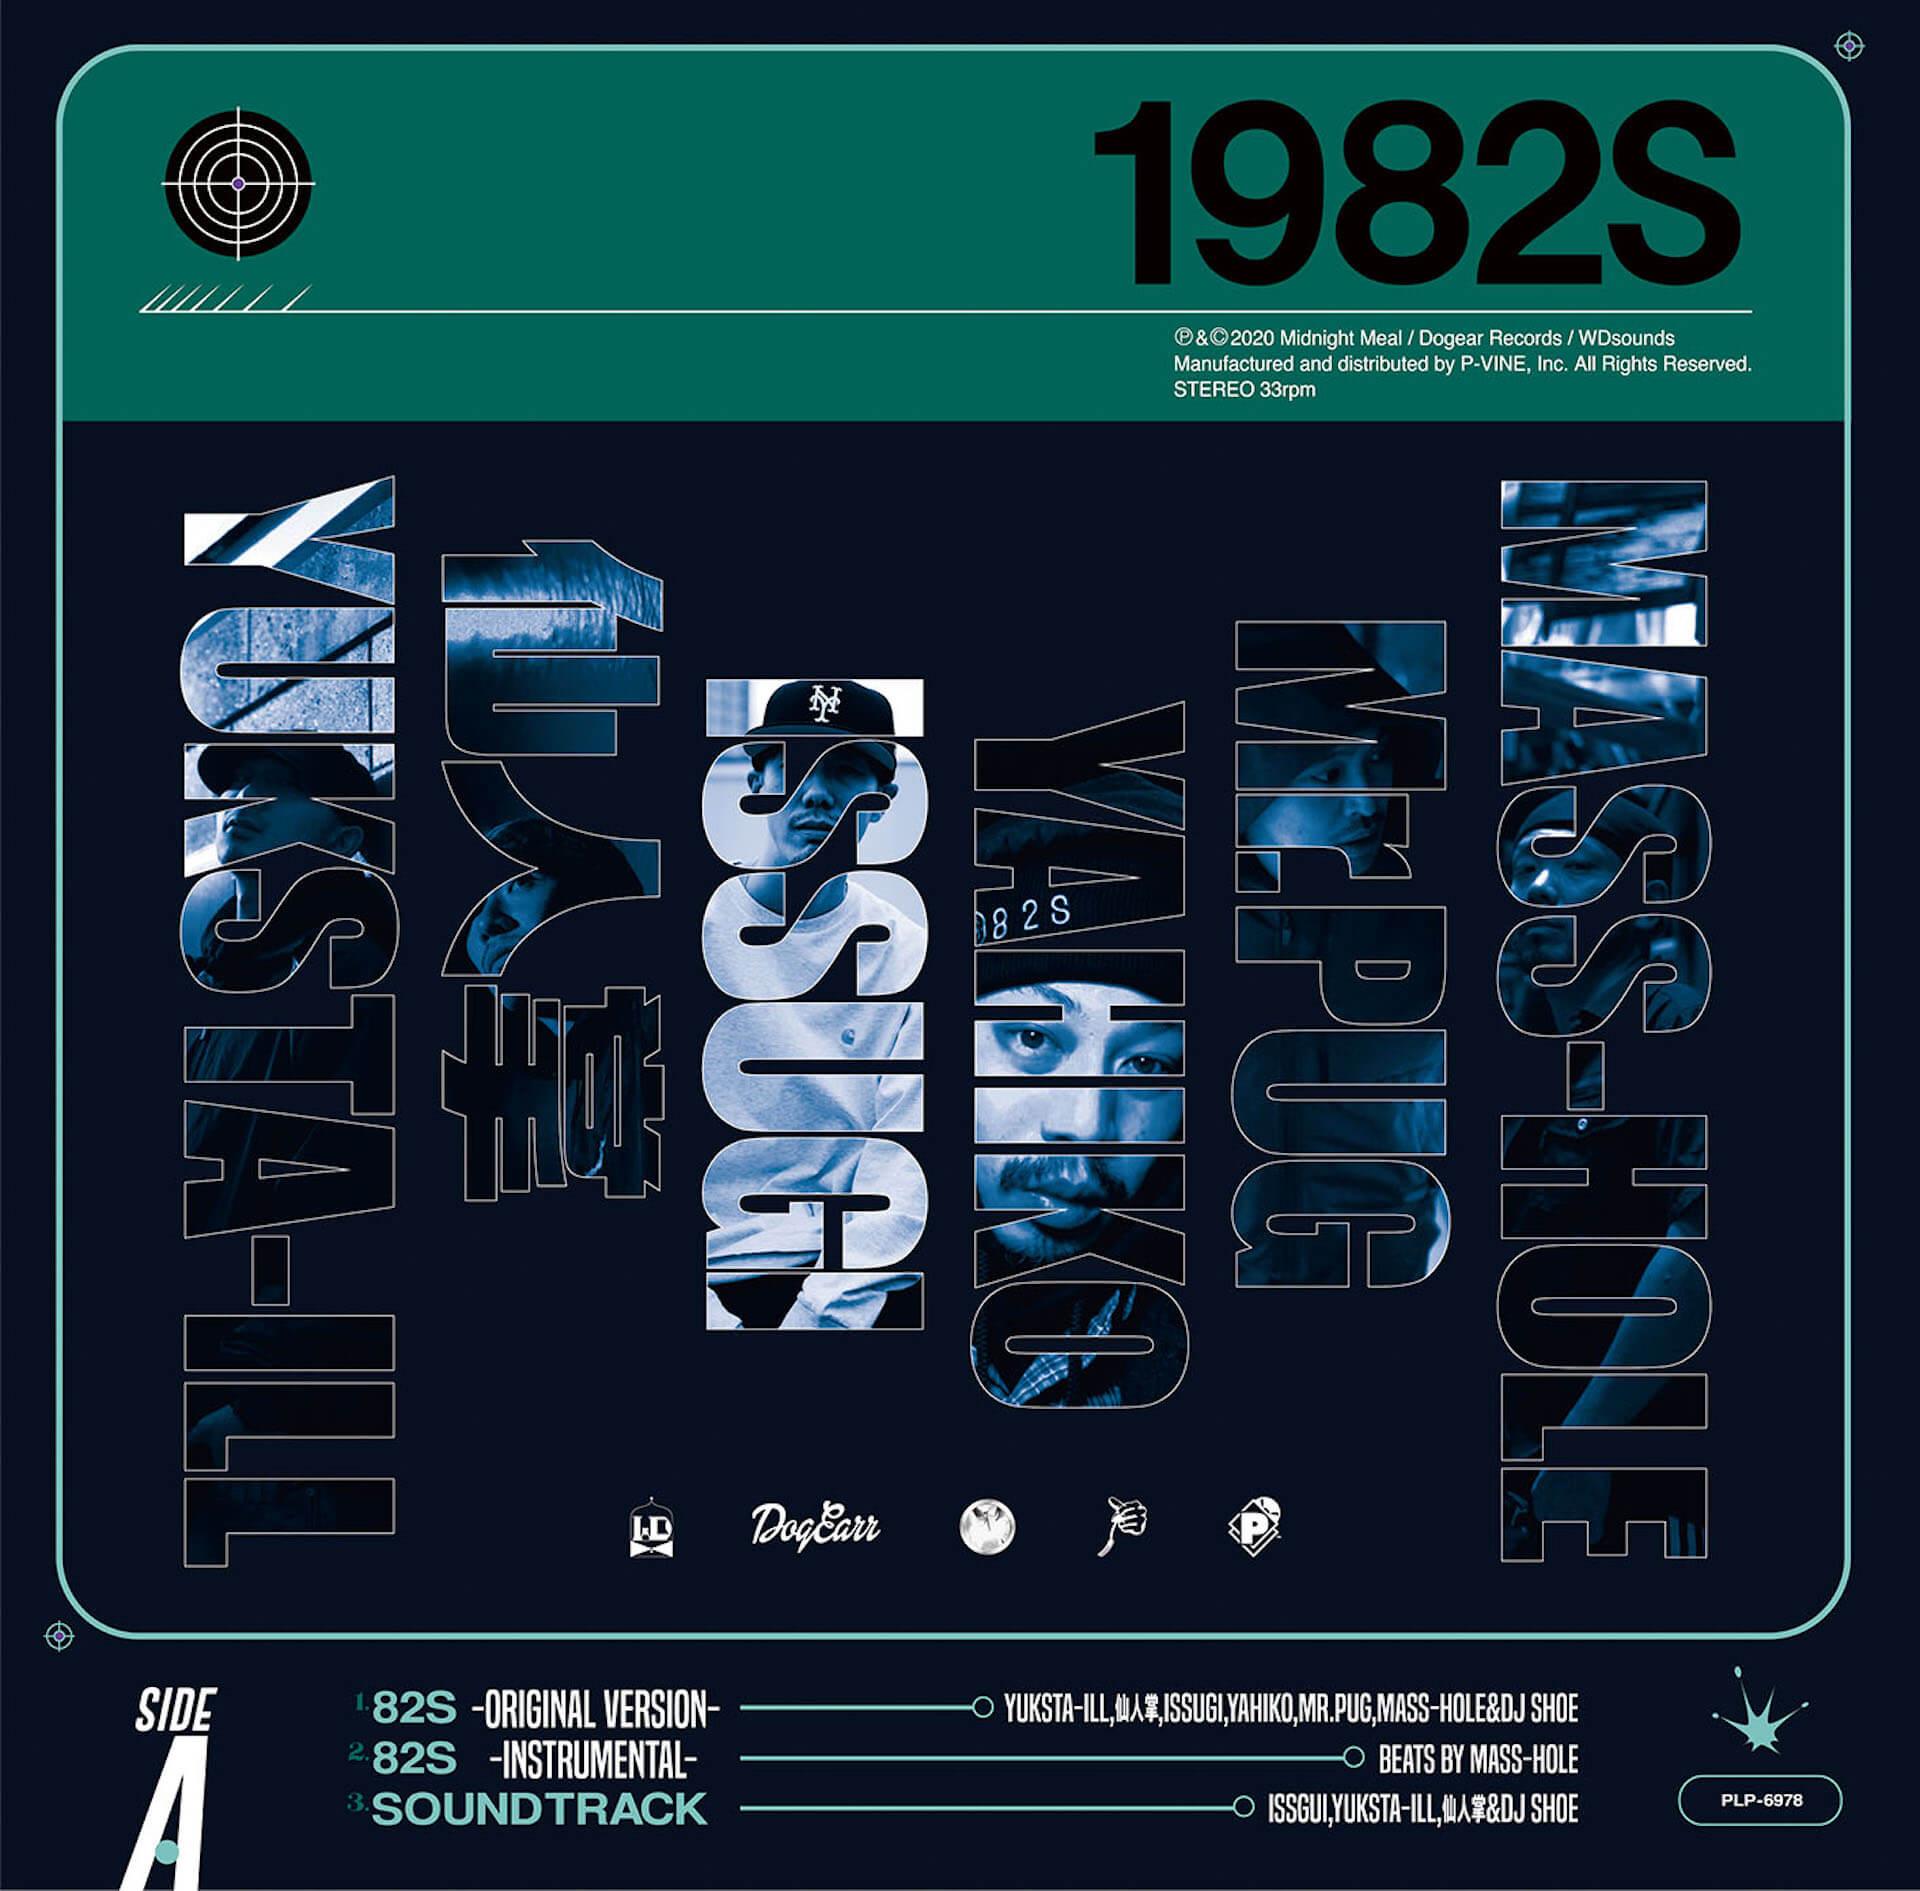 MASS-HOLE、ISSUGI、仙人掌、Mr.PUGら1982年世代によるコレクティブ1982sのオフィシャル作品が限定プレスでアナログ化決定! music201210_1982s_main